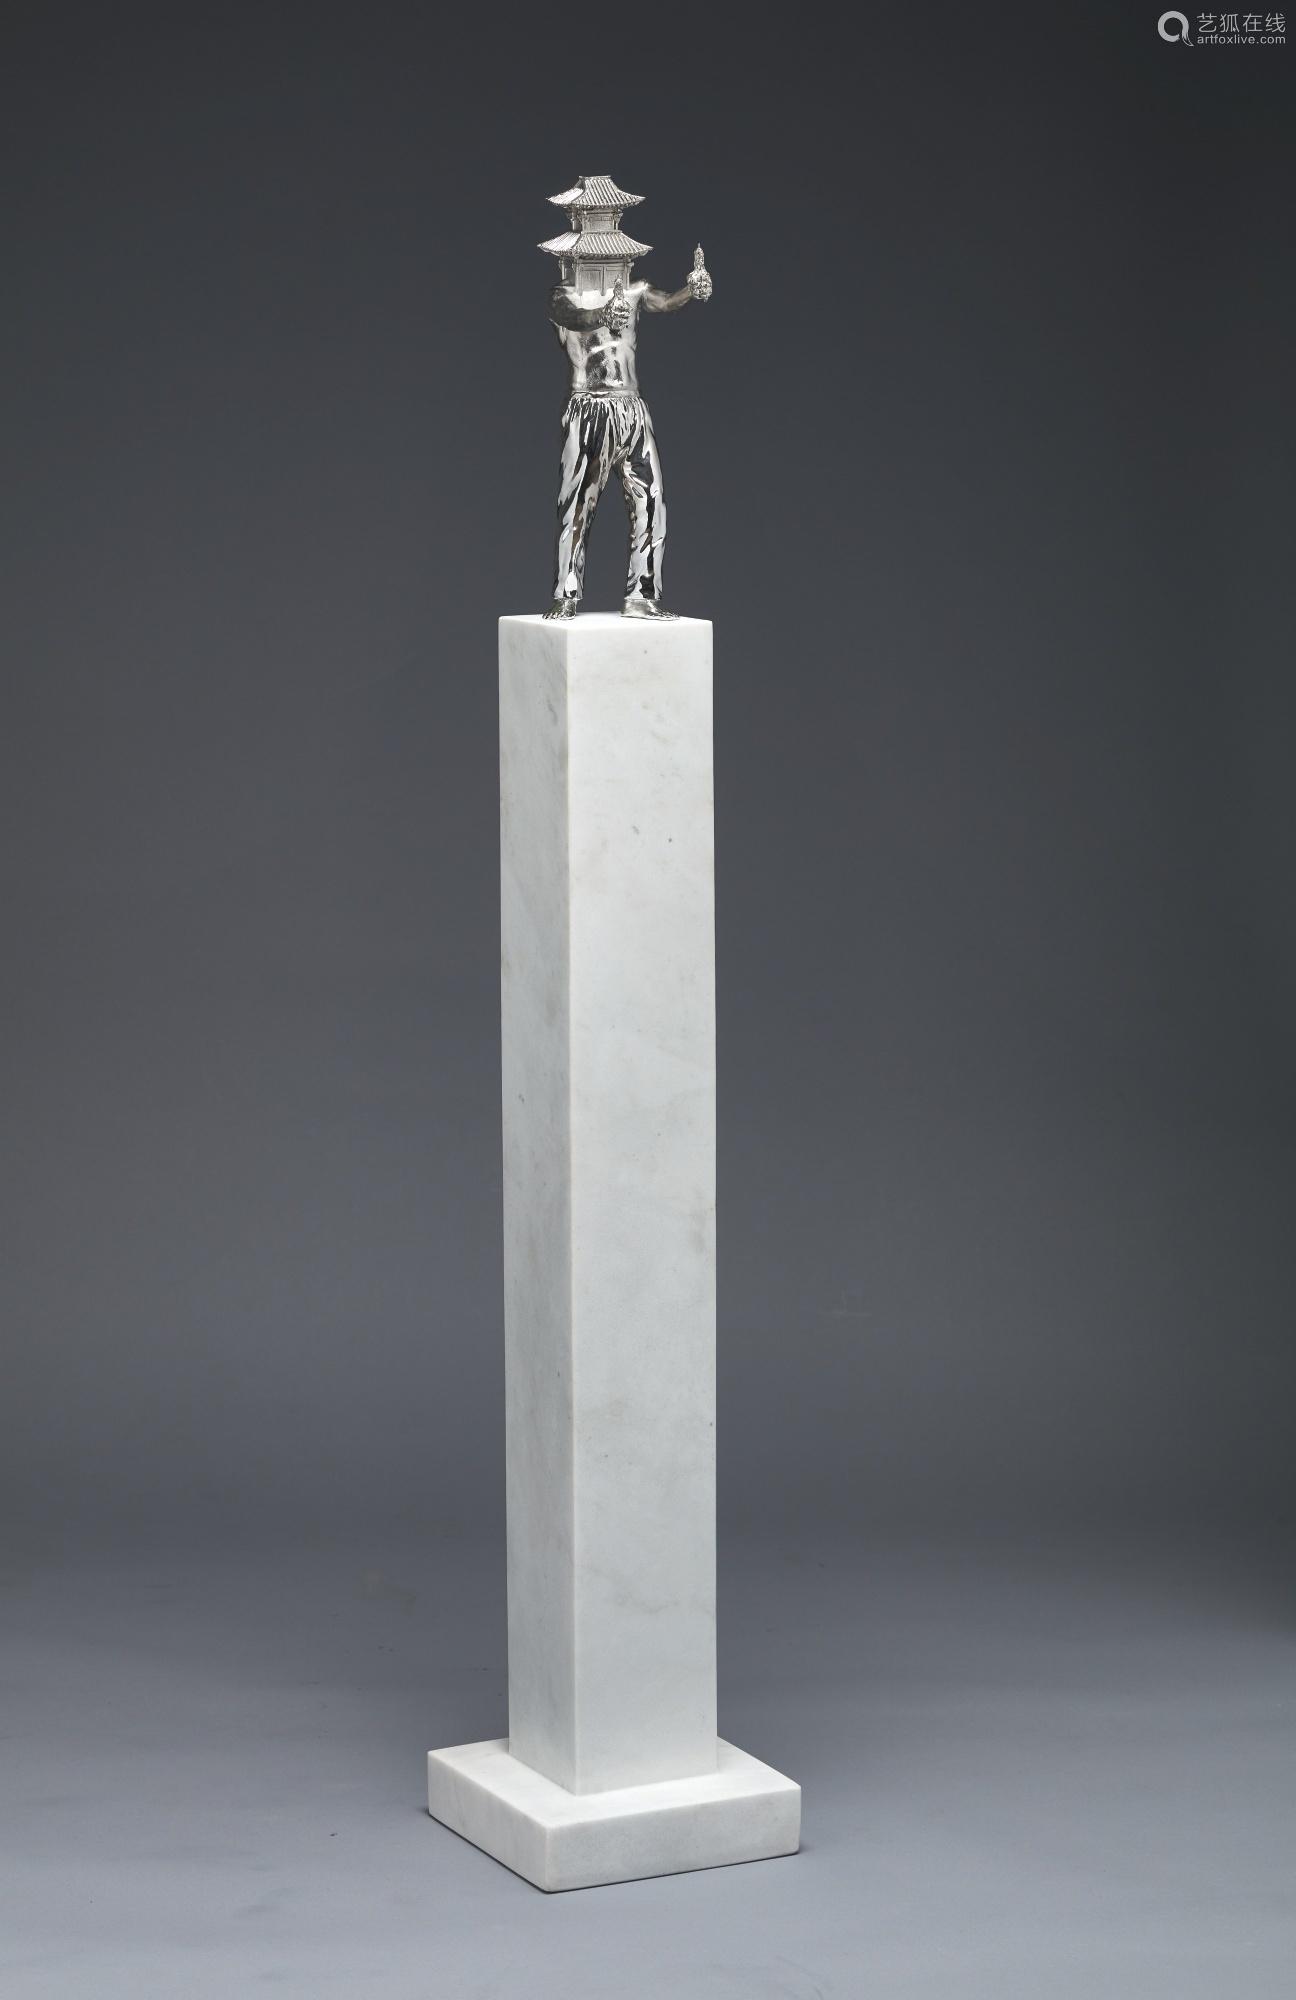 全浚晧 二〇一一年作 THE NIGHT PRAYER 彩色铜雕及大理石基座